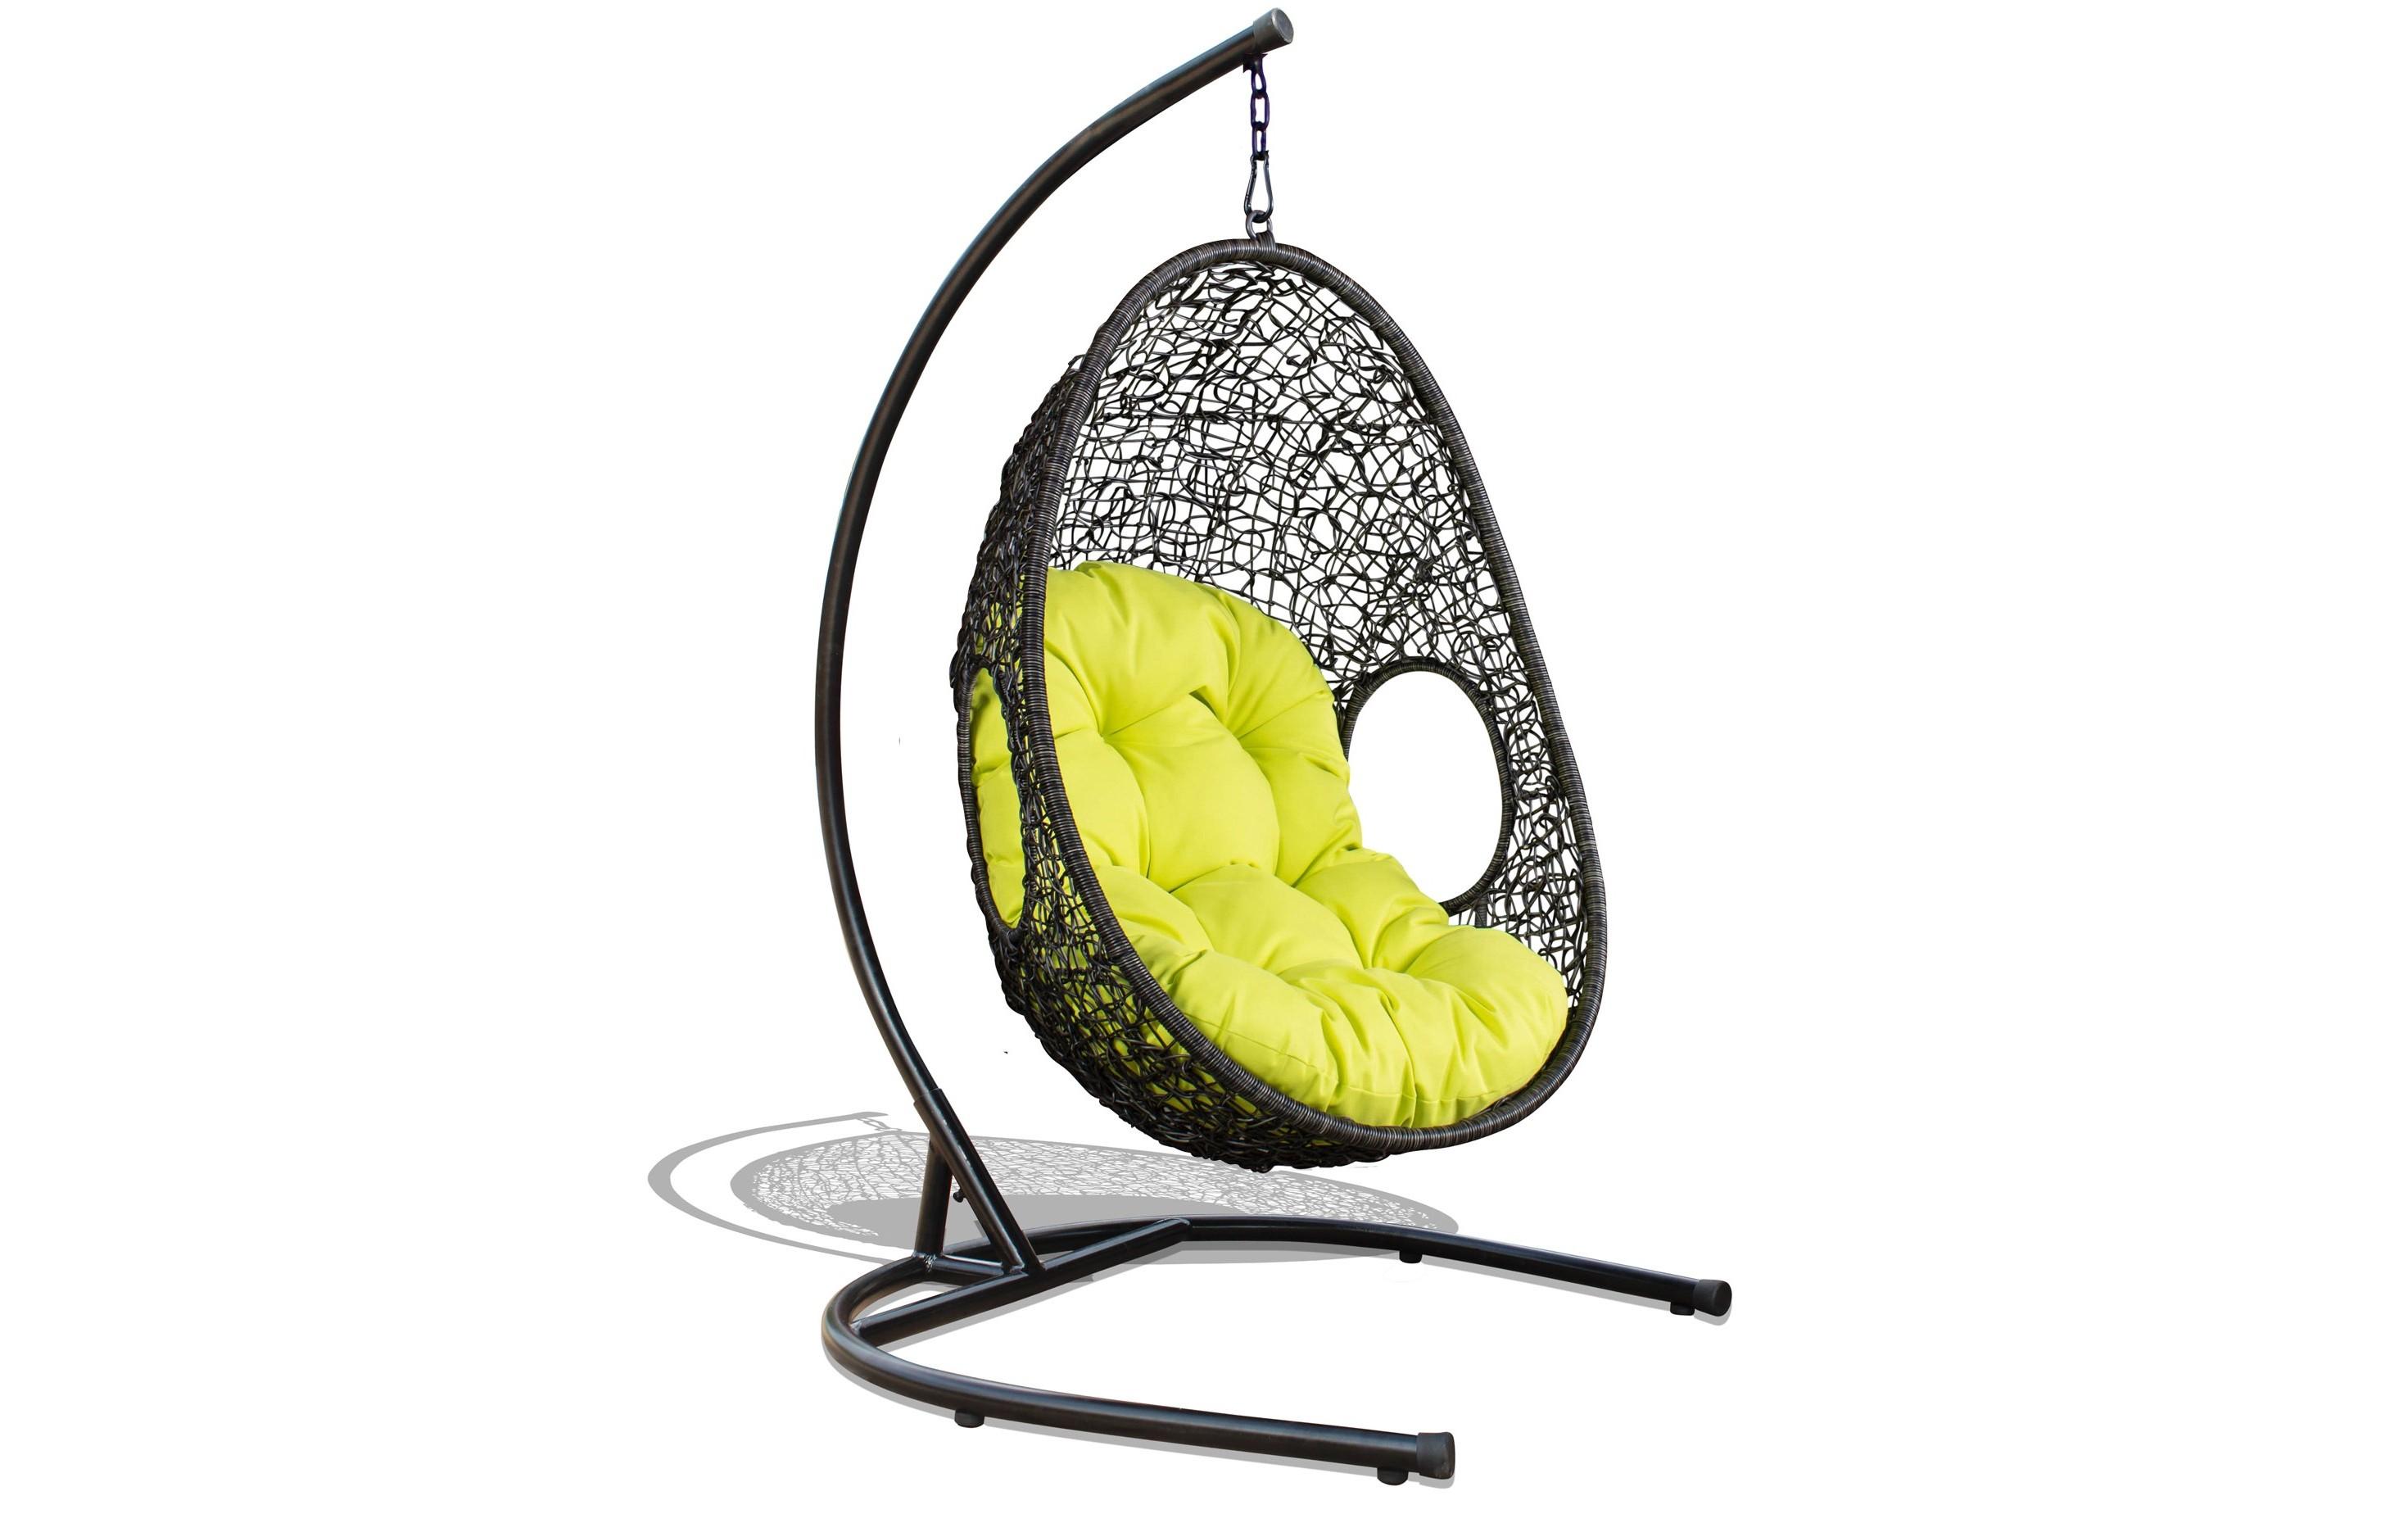 Подвесное кресло LutonКачели<br>Подвесное кресло Luton из искусственного 5-мм круглого ротанга коричневого цвета на стальном каркасе. Подушка включена в стоимость.&amp;amp;nbsp;<br><br>Material: Ротанг<br>Width см: 88<br>Depth см: 71<br>Height см: 183